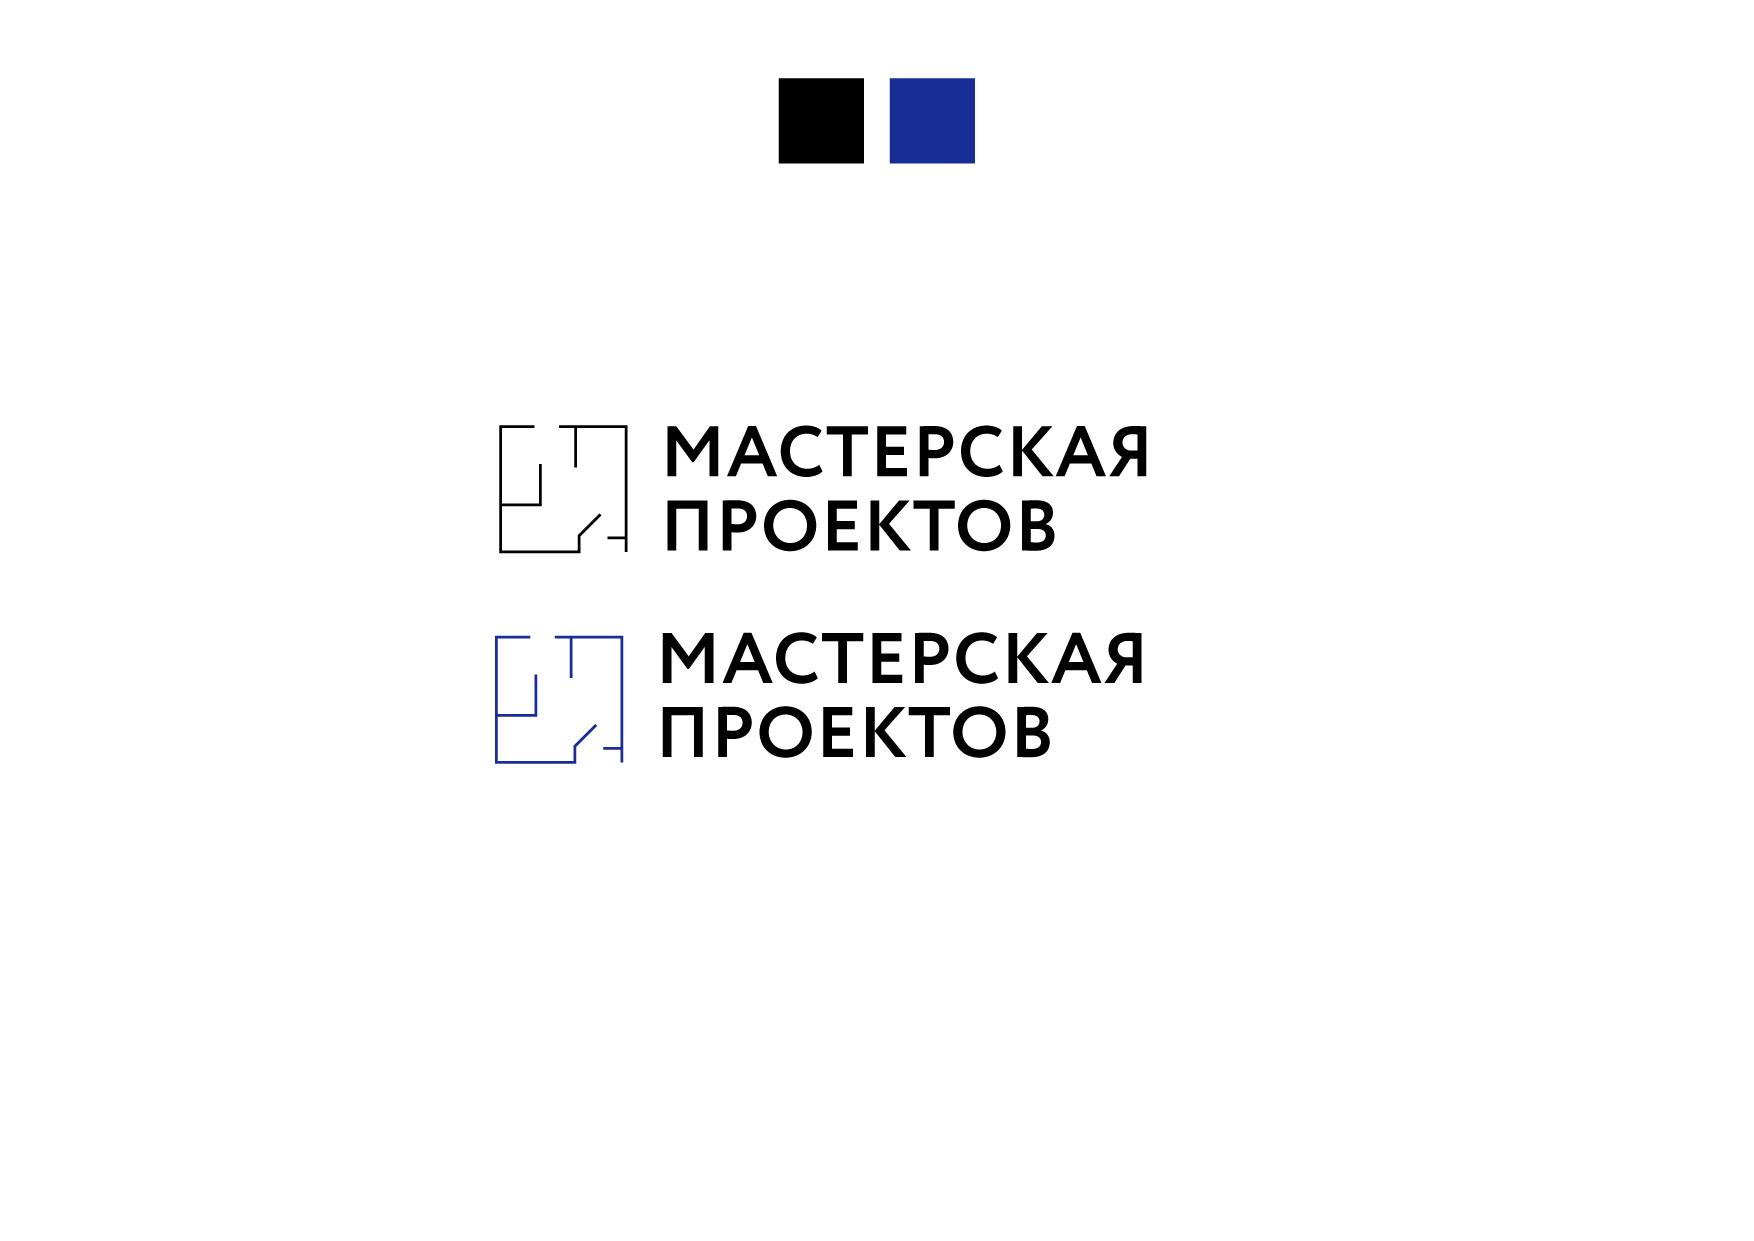 Разработка логотипа строительно-мебельного проекта (см. опис фото f_763606e13b7b1819.jpg